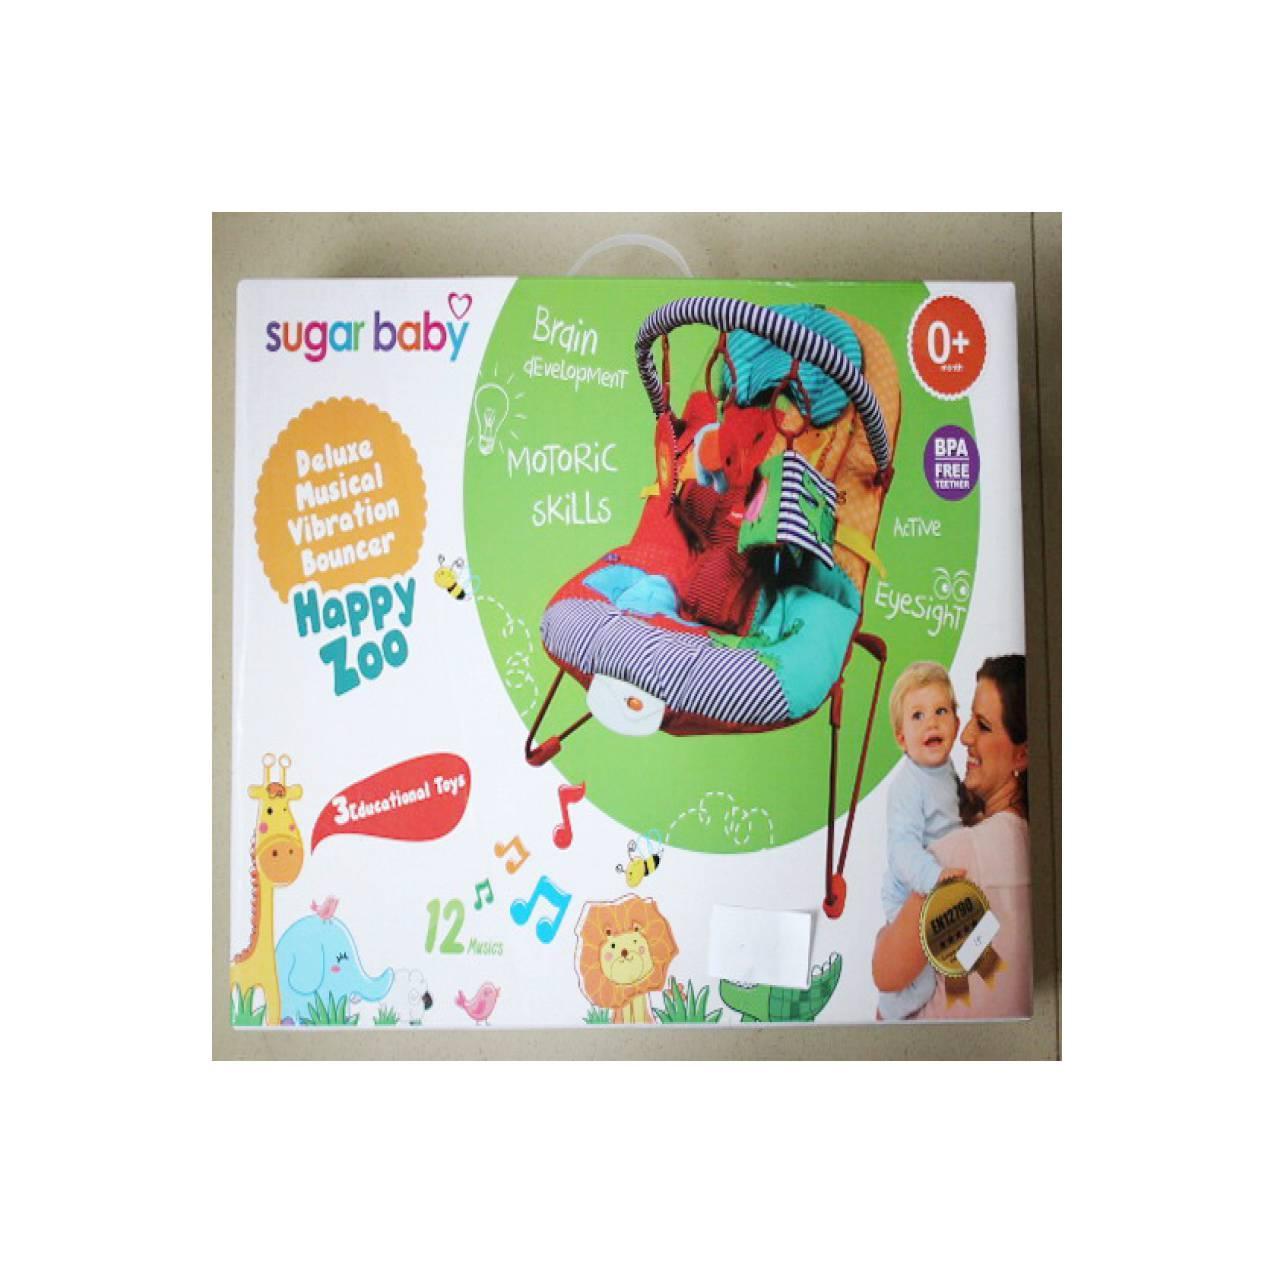 Sugar Baby Fox Deluxe Musical Vibration Bouncer Greengreen Toys Vibratin Happy Zoo En12790